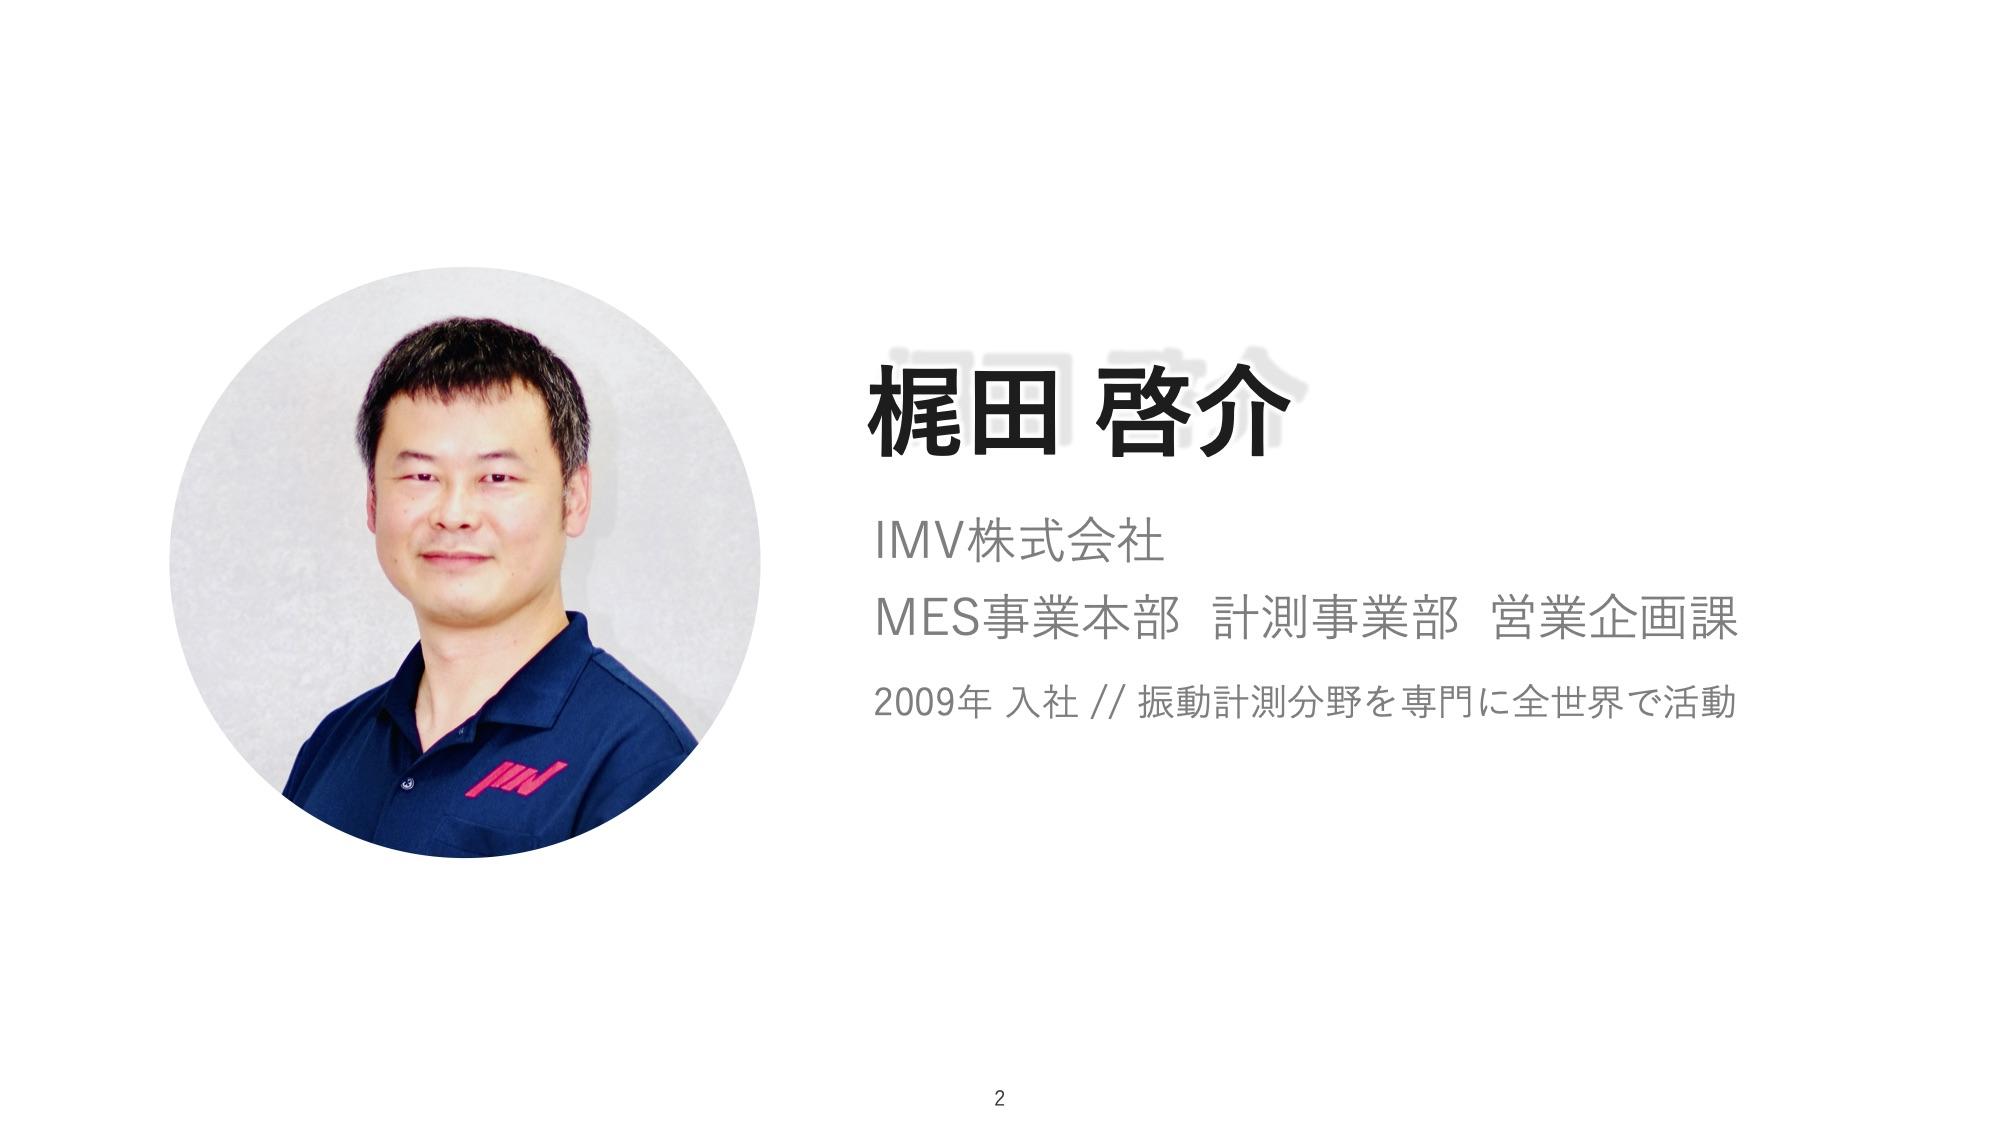 IMV株式会社 MES事業本部 計測事業部 営業企画課 梶田 啓介 氏